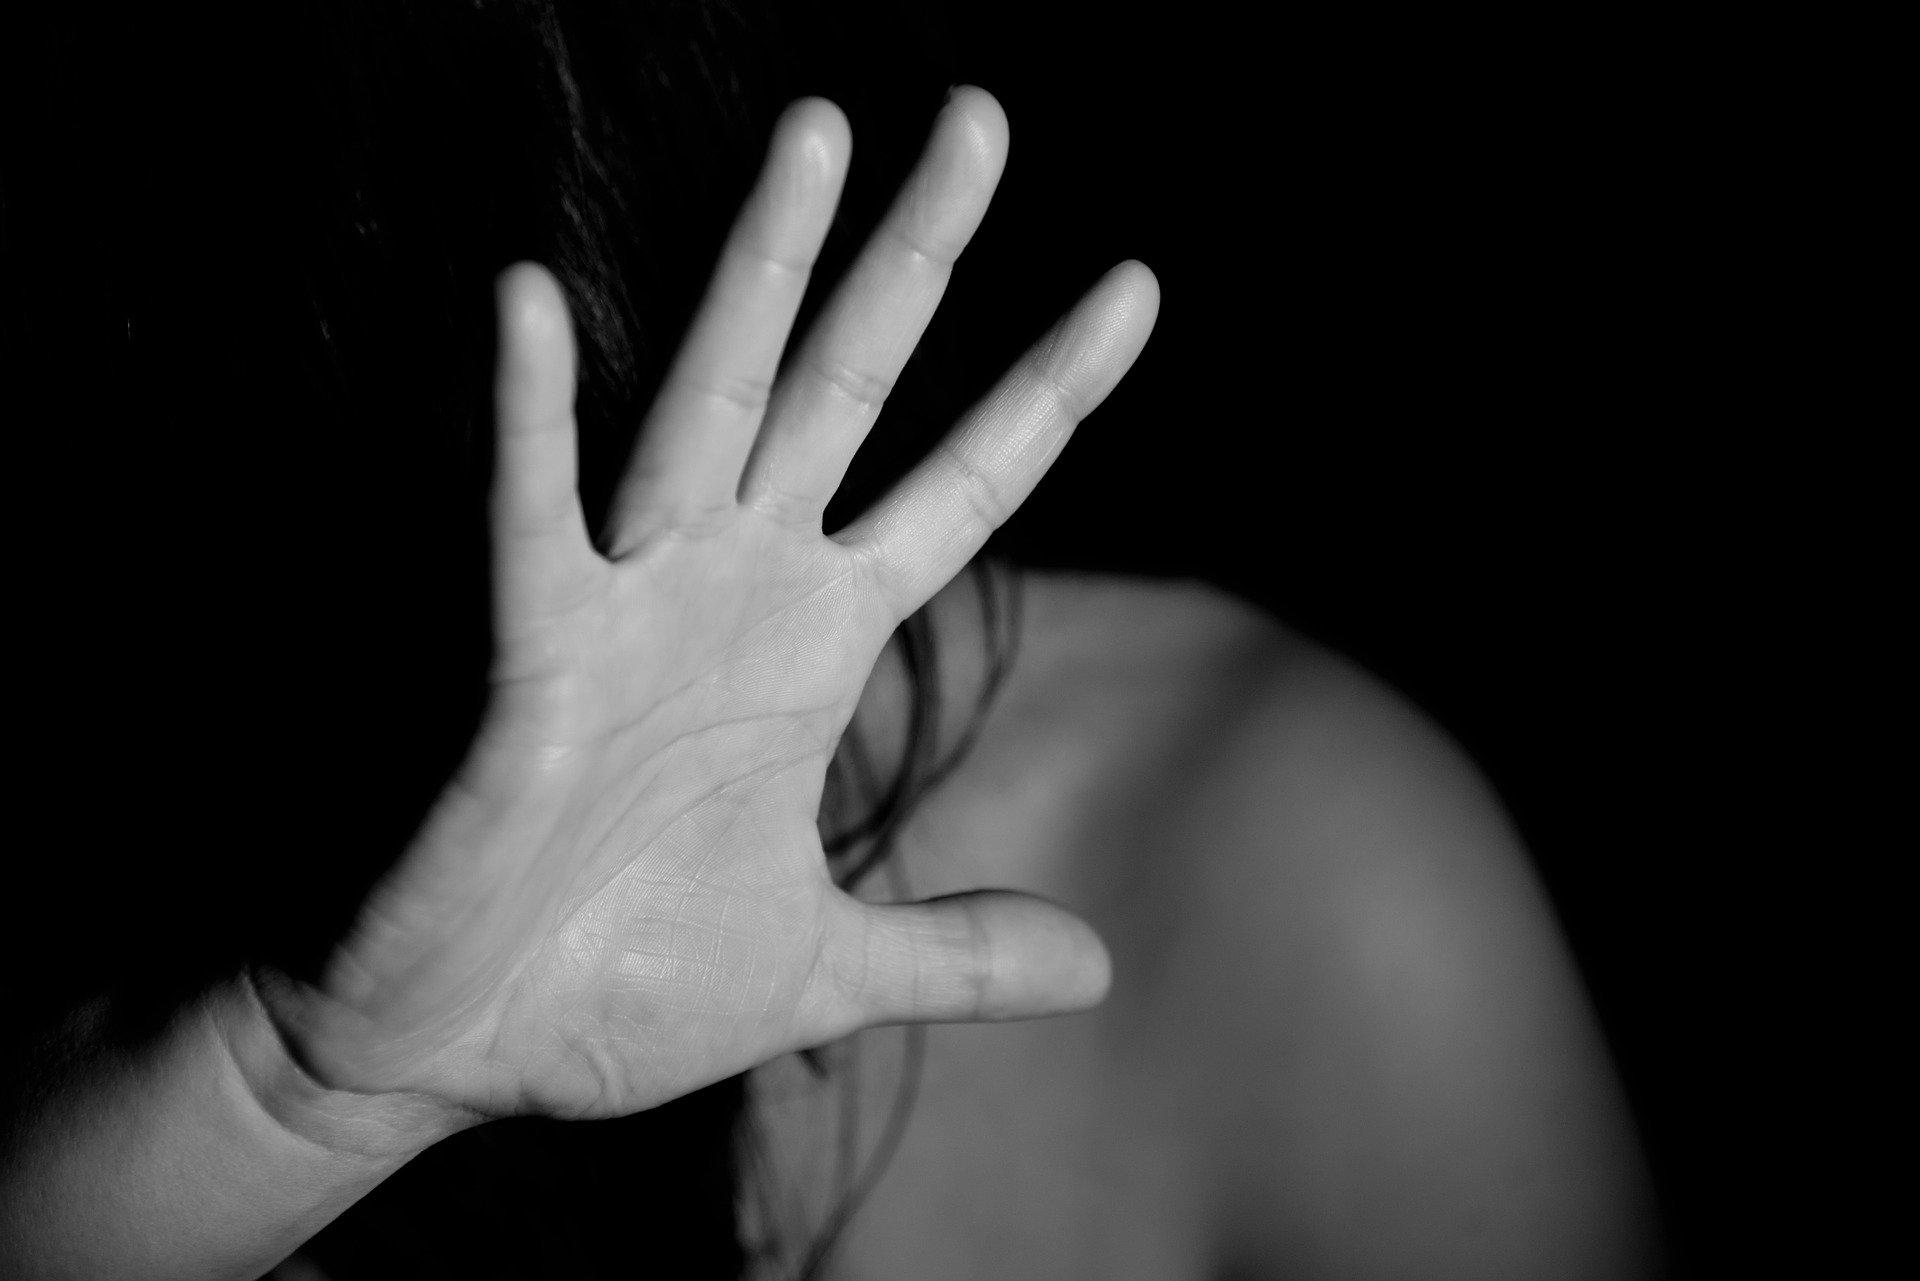 differenza tra molestia e violenza sessuale